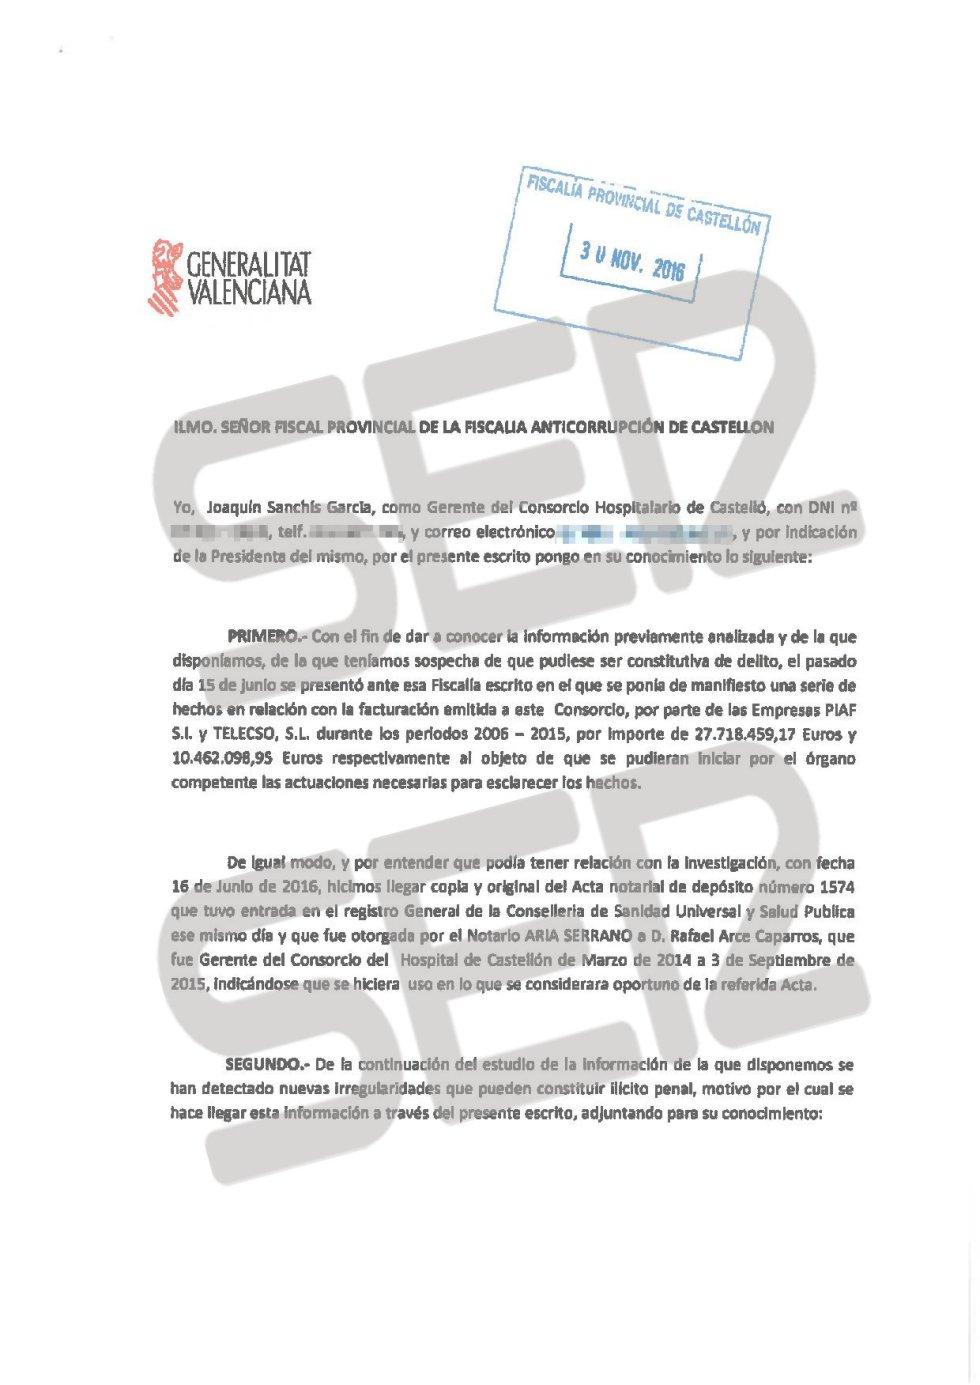 Denuncia de la Generalitat Valenciana presentada ante la Fiscalía (página 1 de 2).